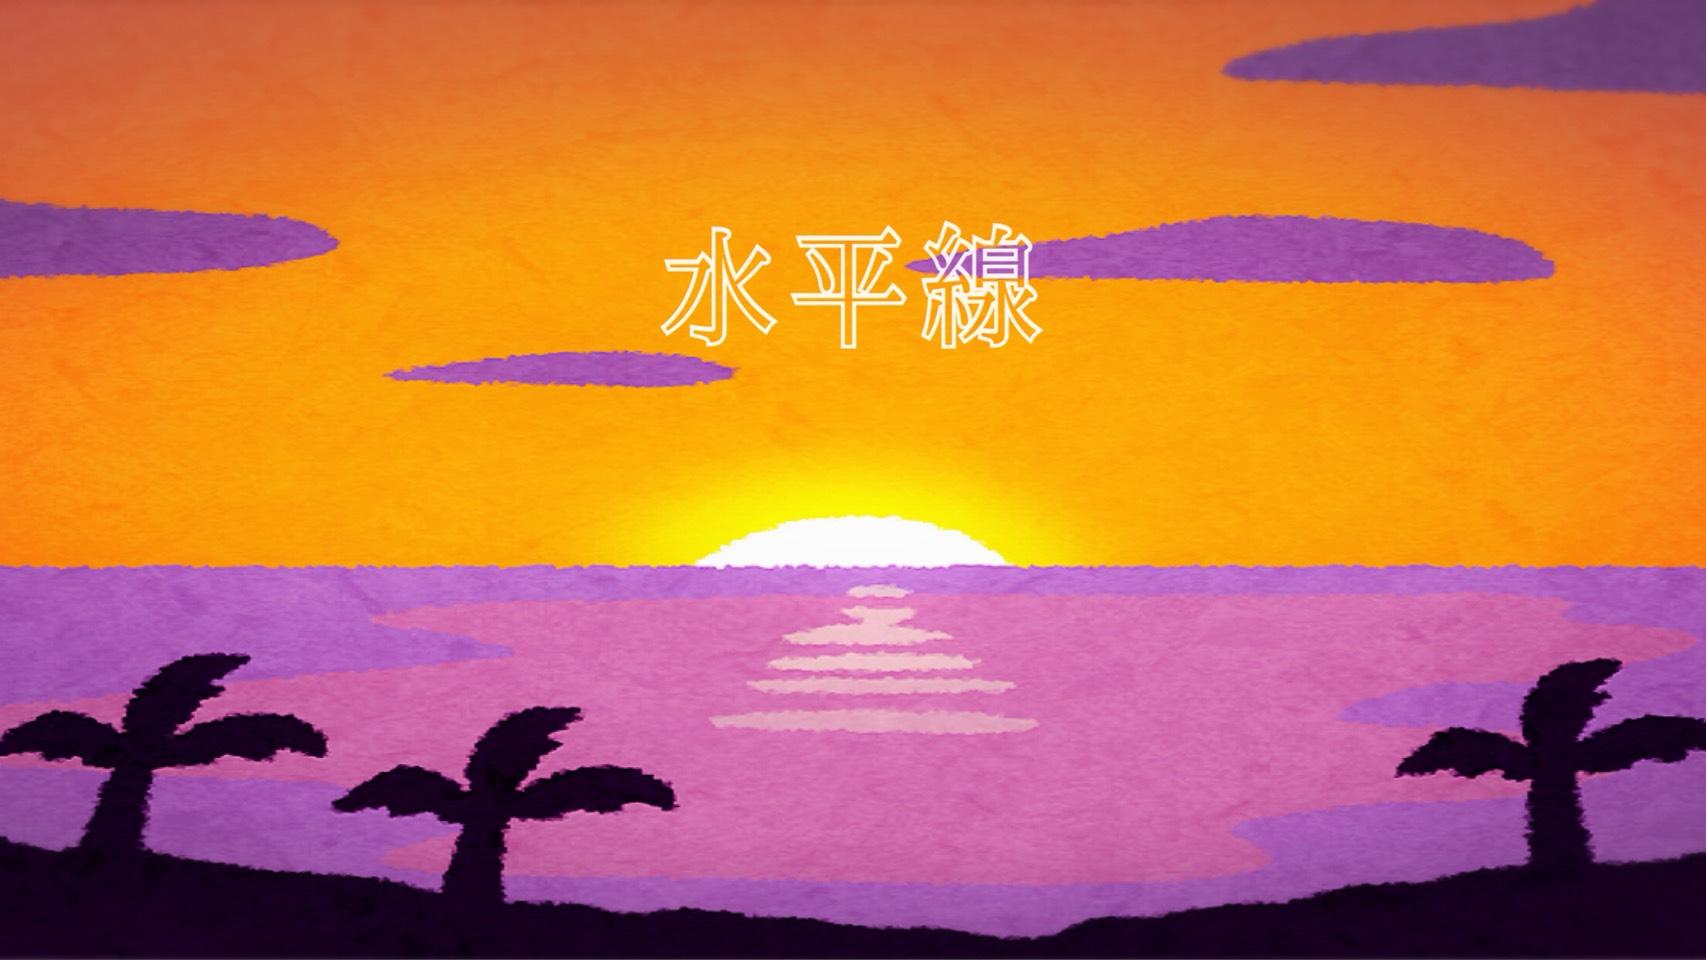 「水平線」のイメージ